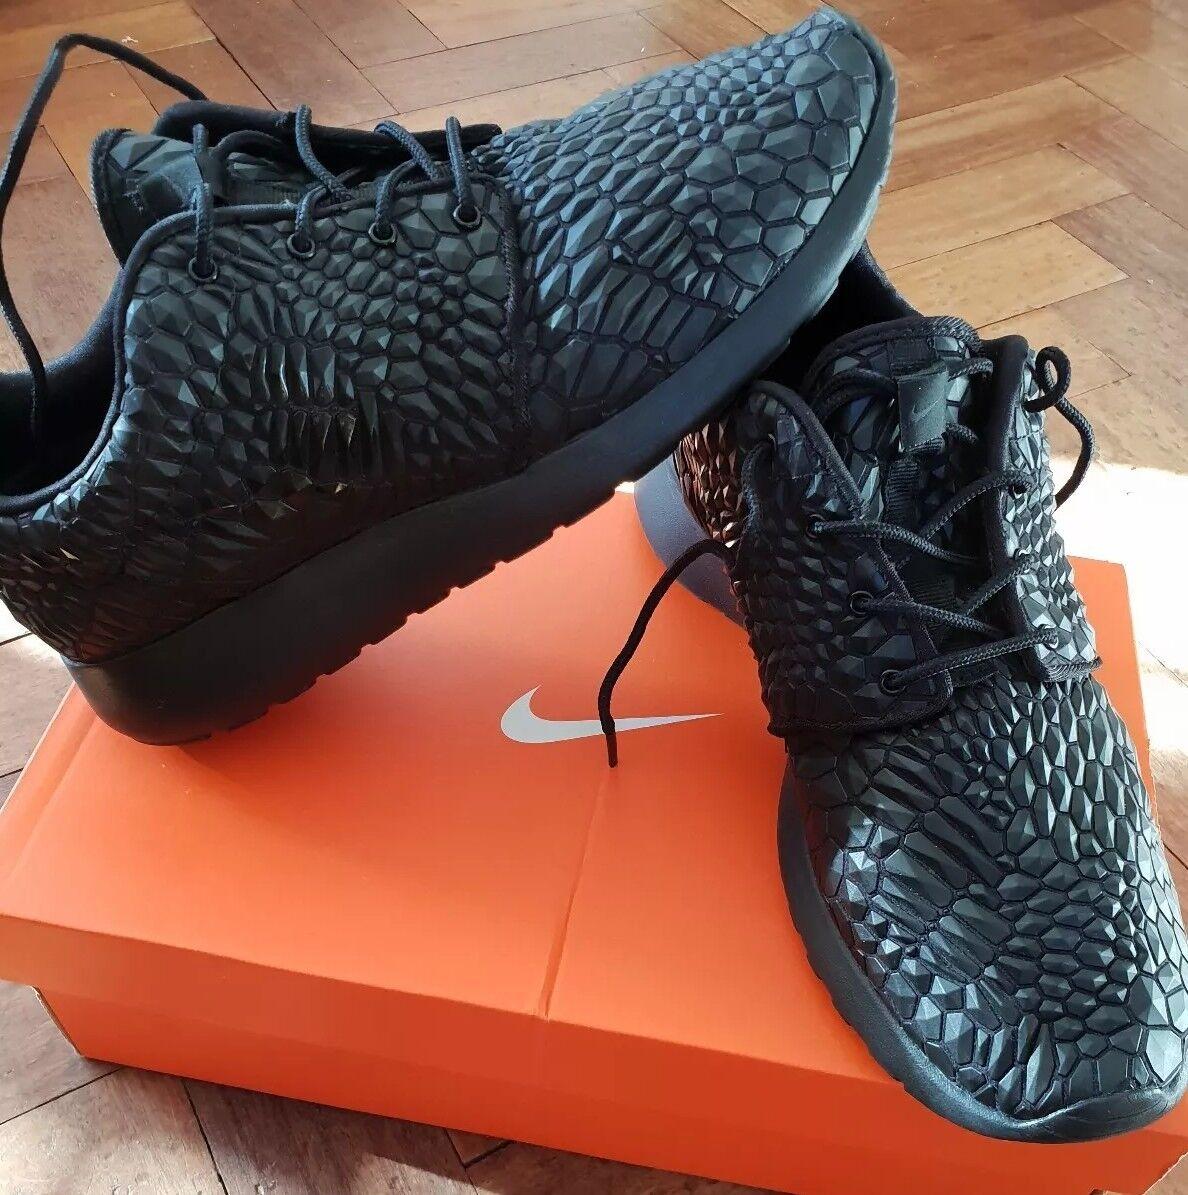 Nike Roshe Run TUTTO NERO SCARPE COCCODRILLO leatherbetterworld da Donna Nuovo Da Uomo Nuovo Donna 932499